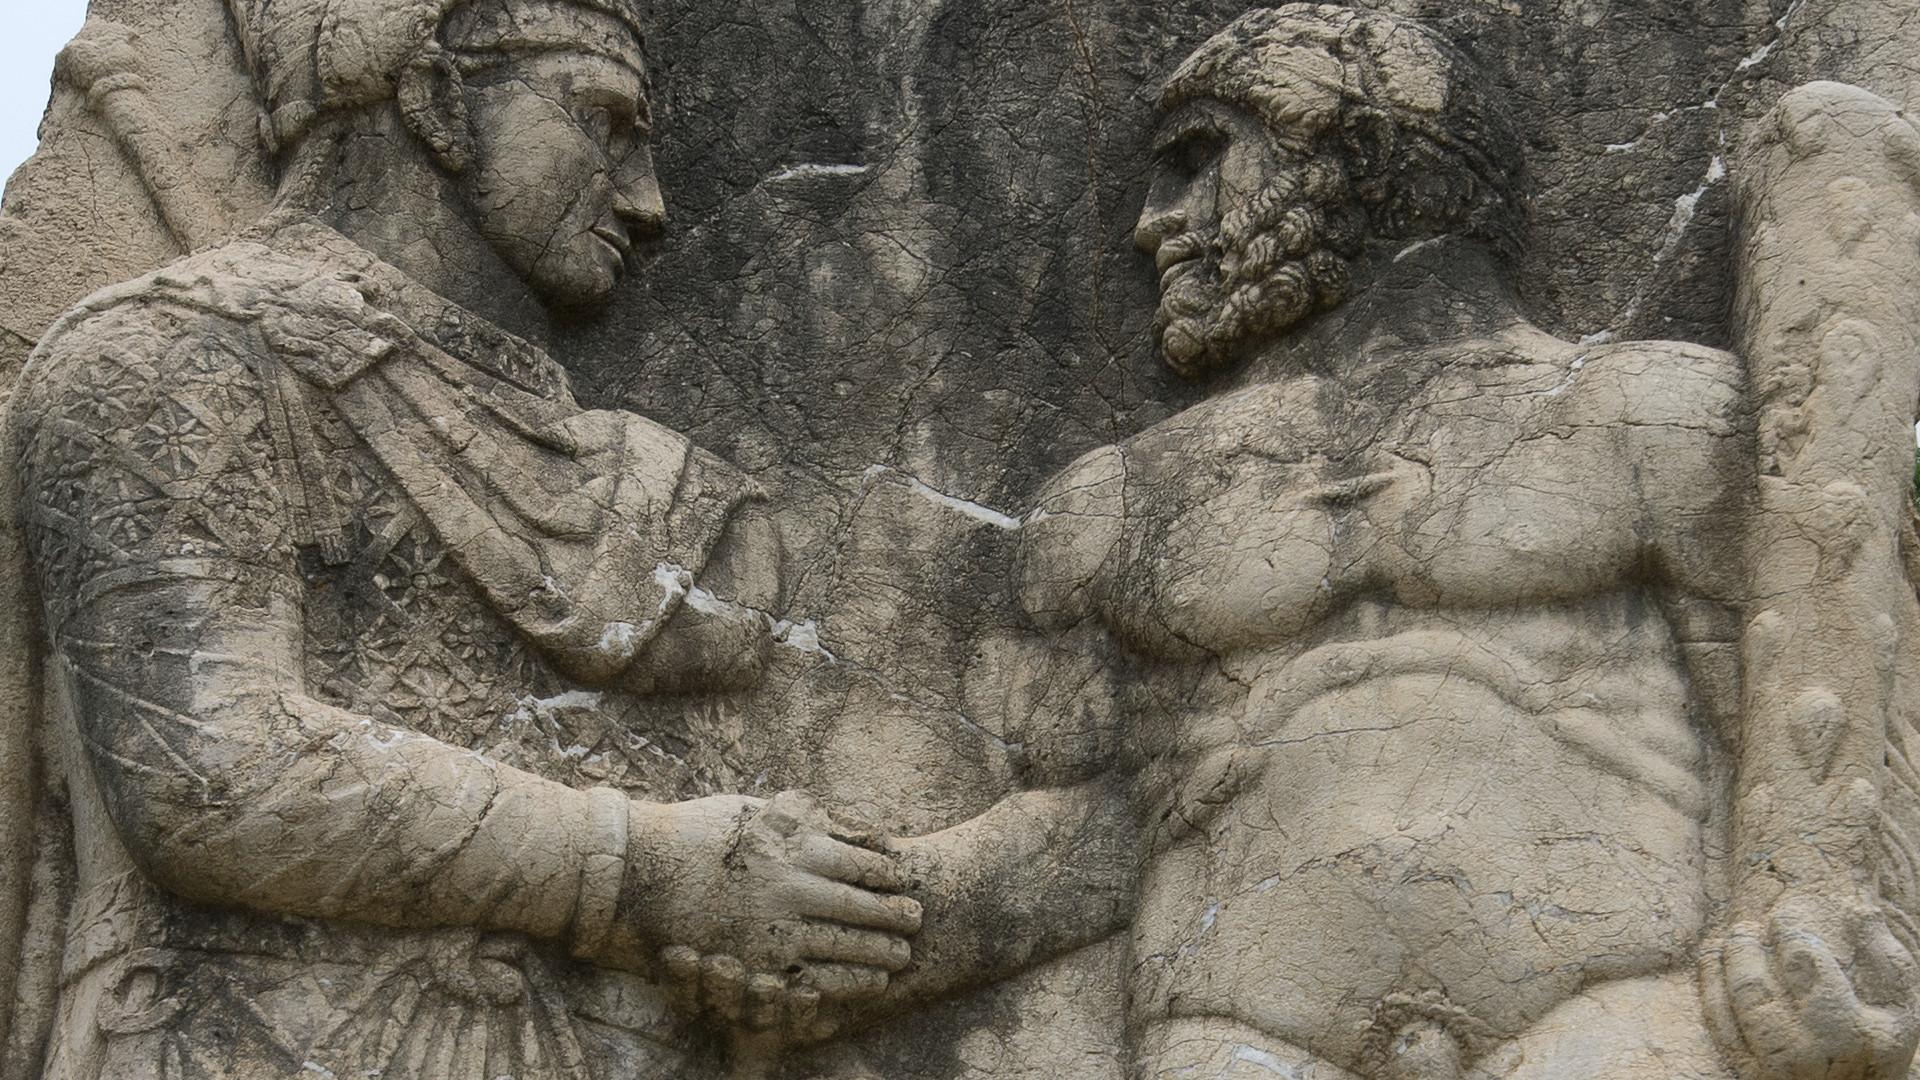 Luxembourg handshake and cheek kissing